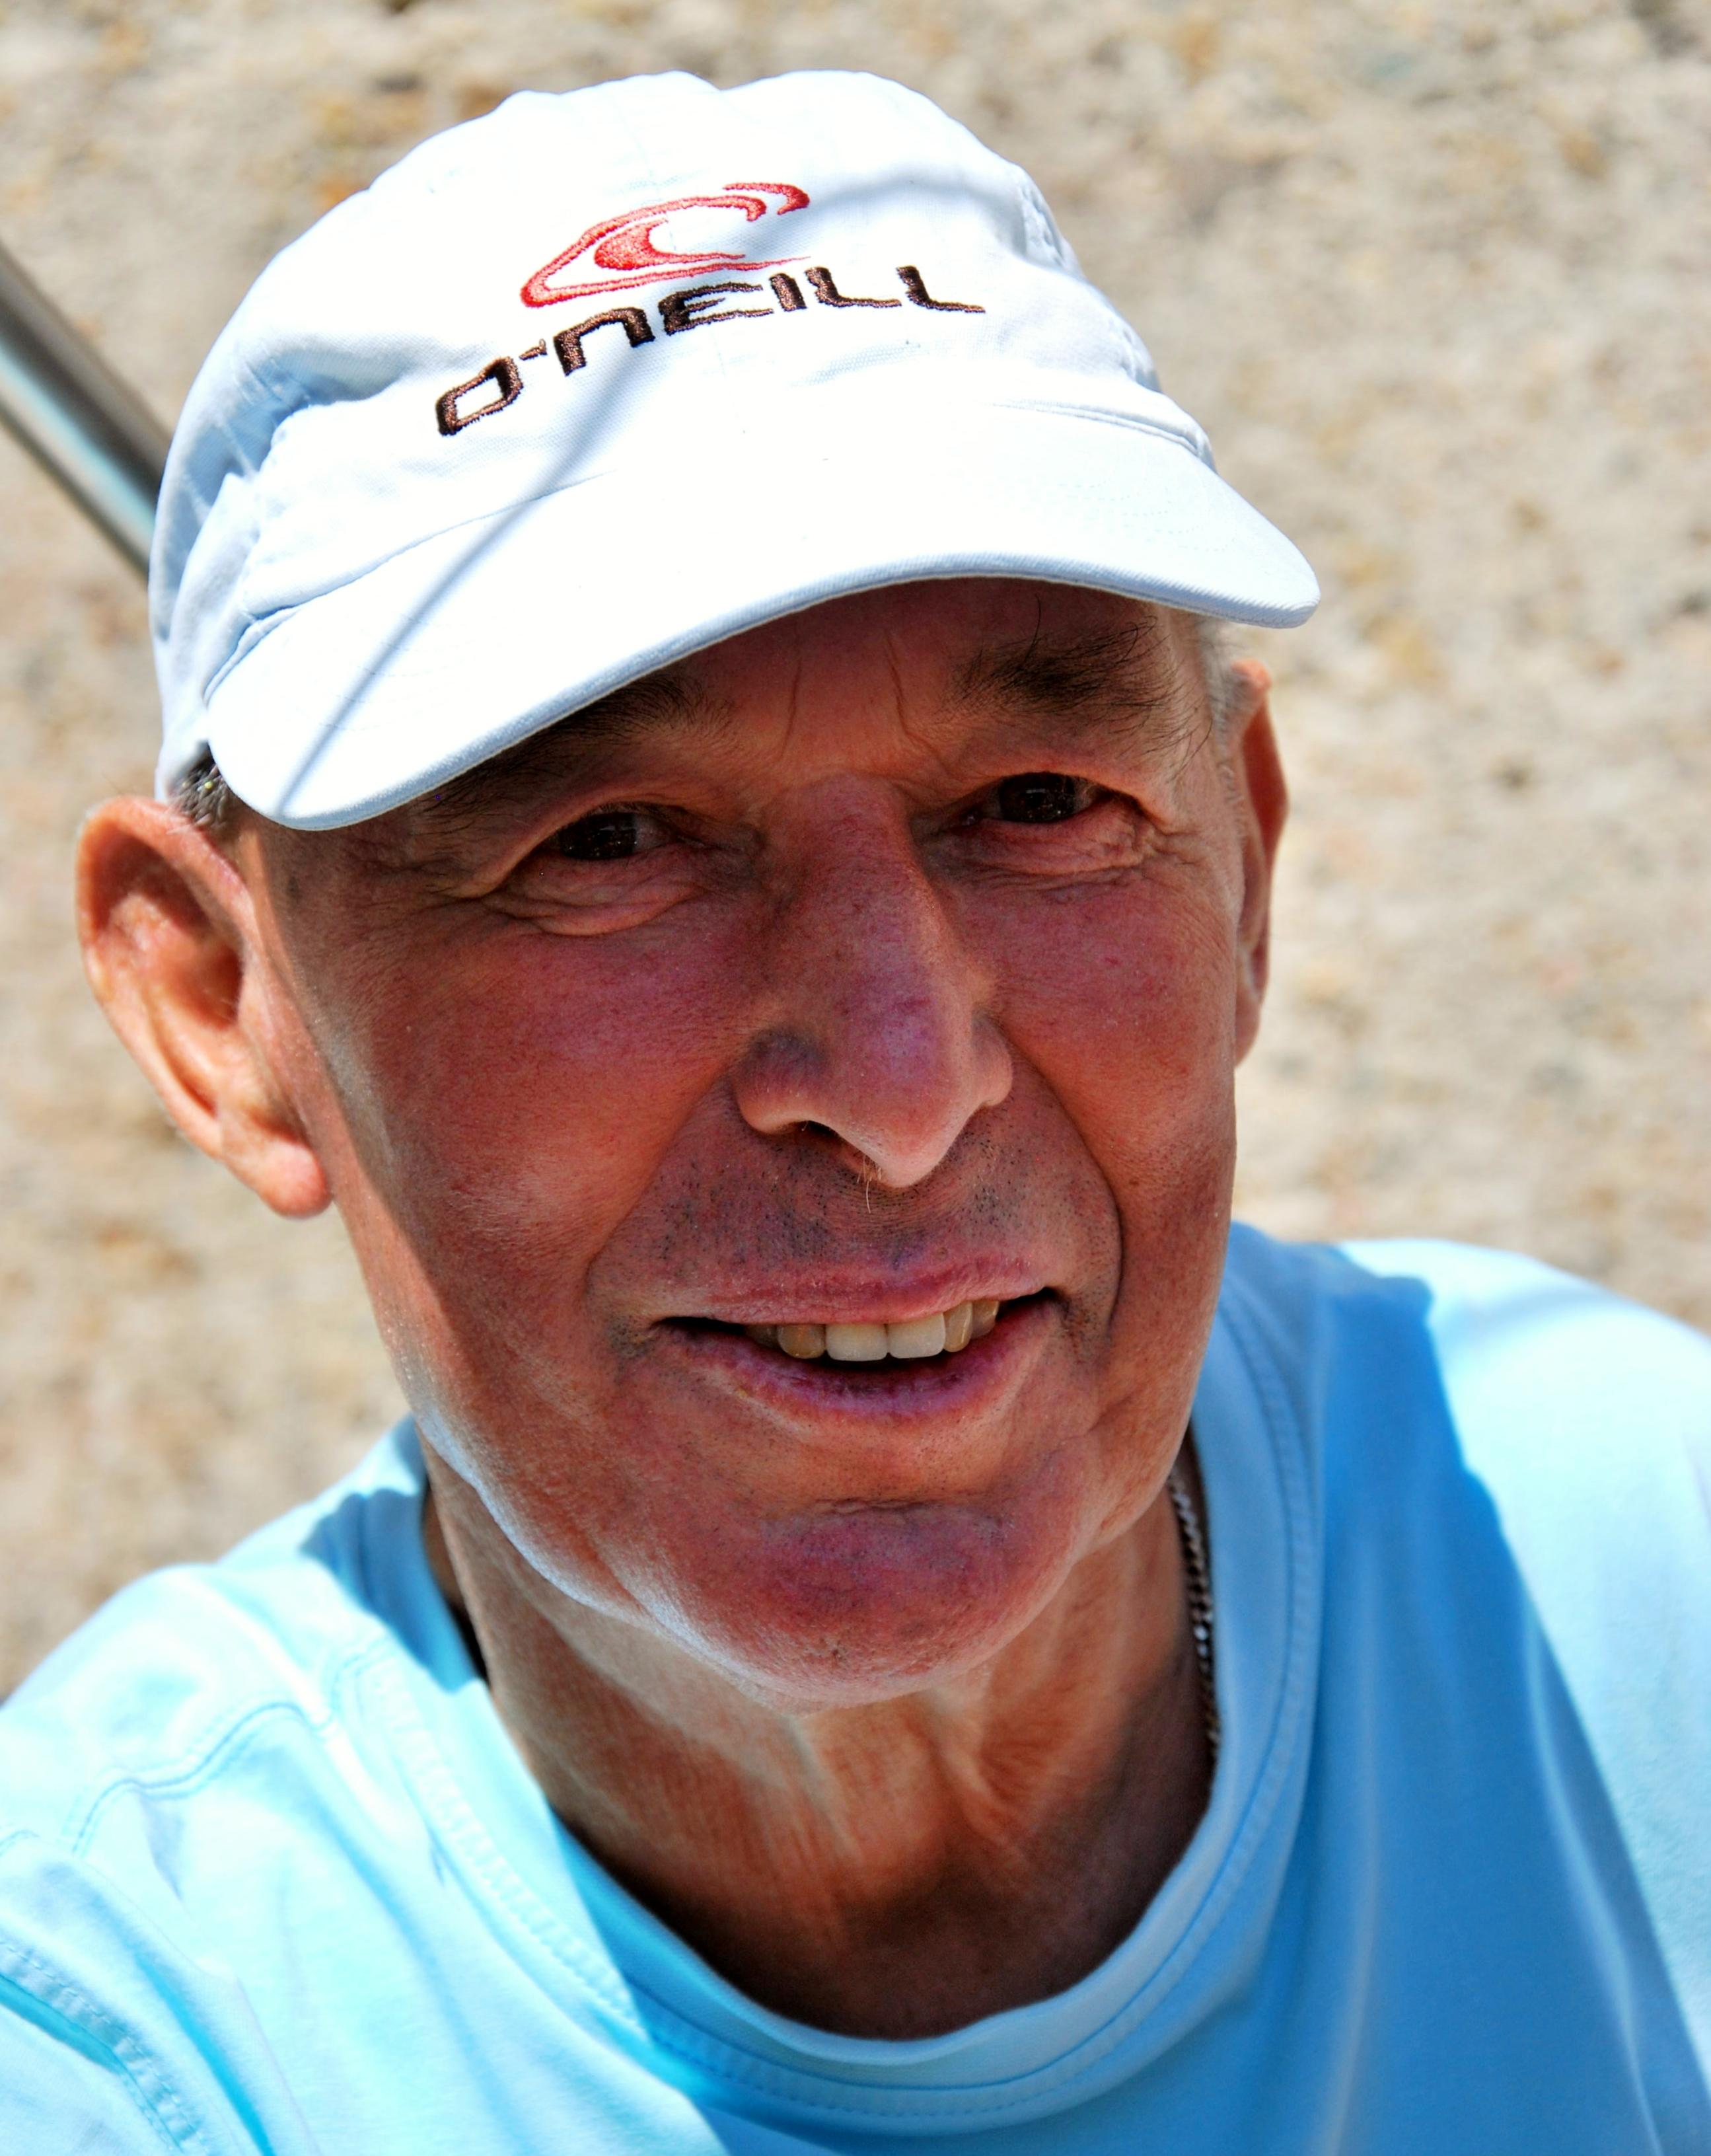 Topsport for Life - Jan Schouten - juni 2014